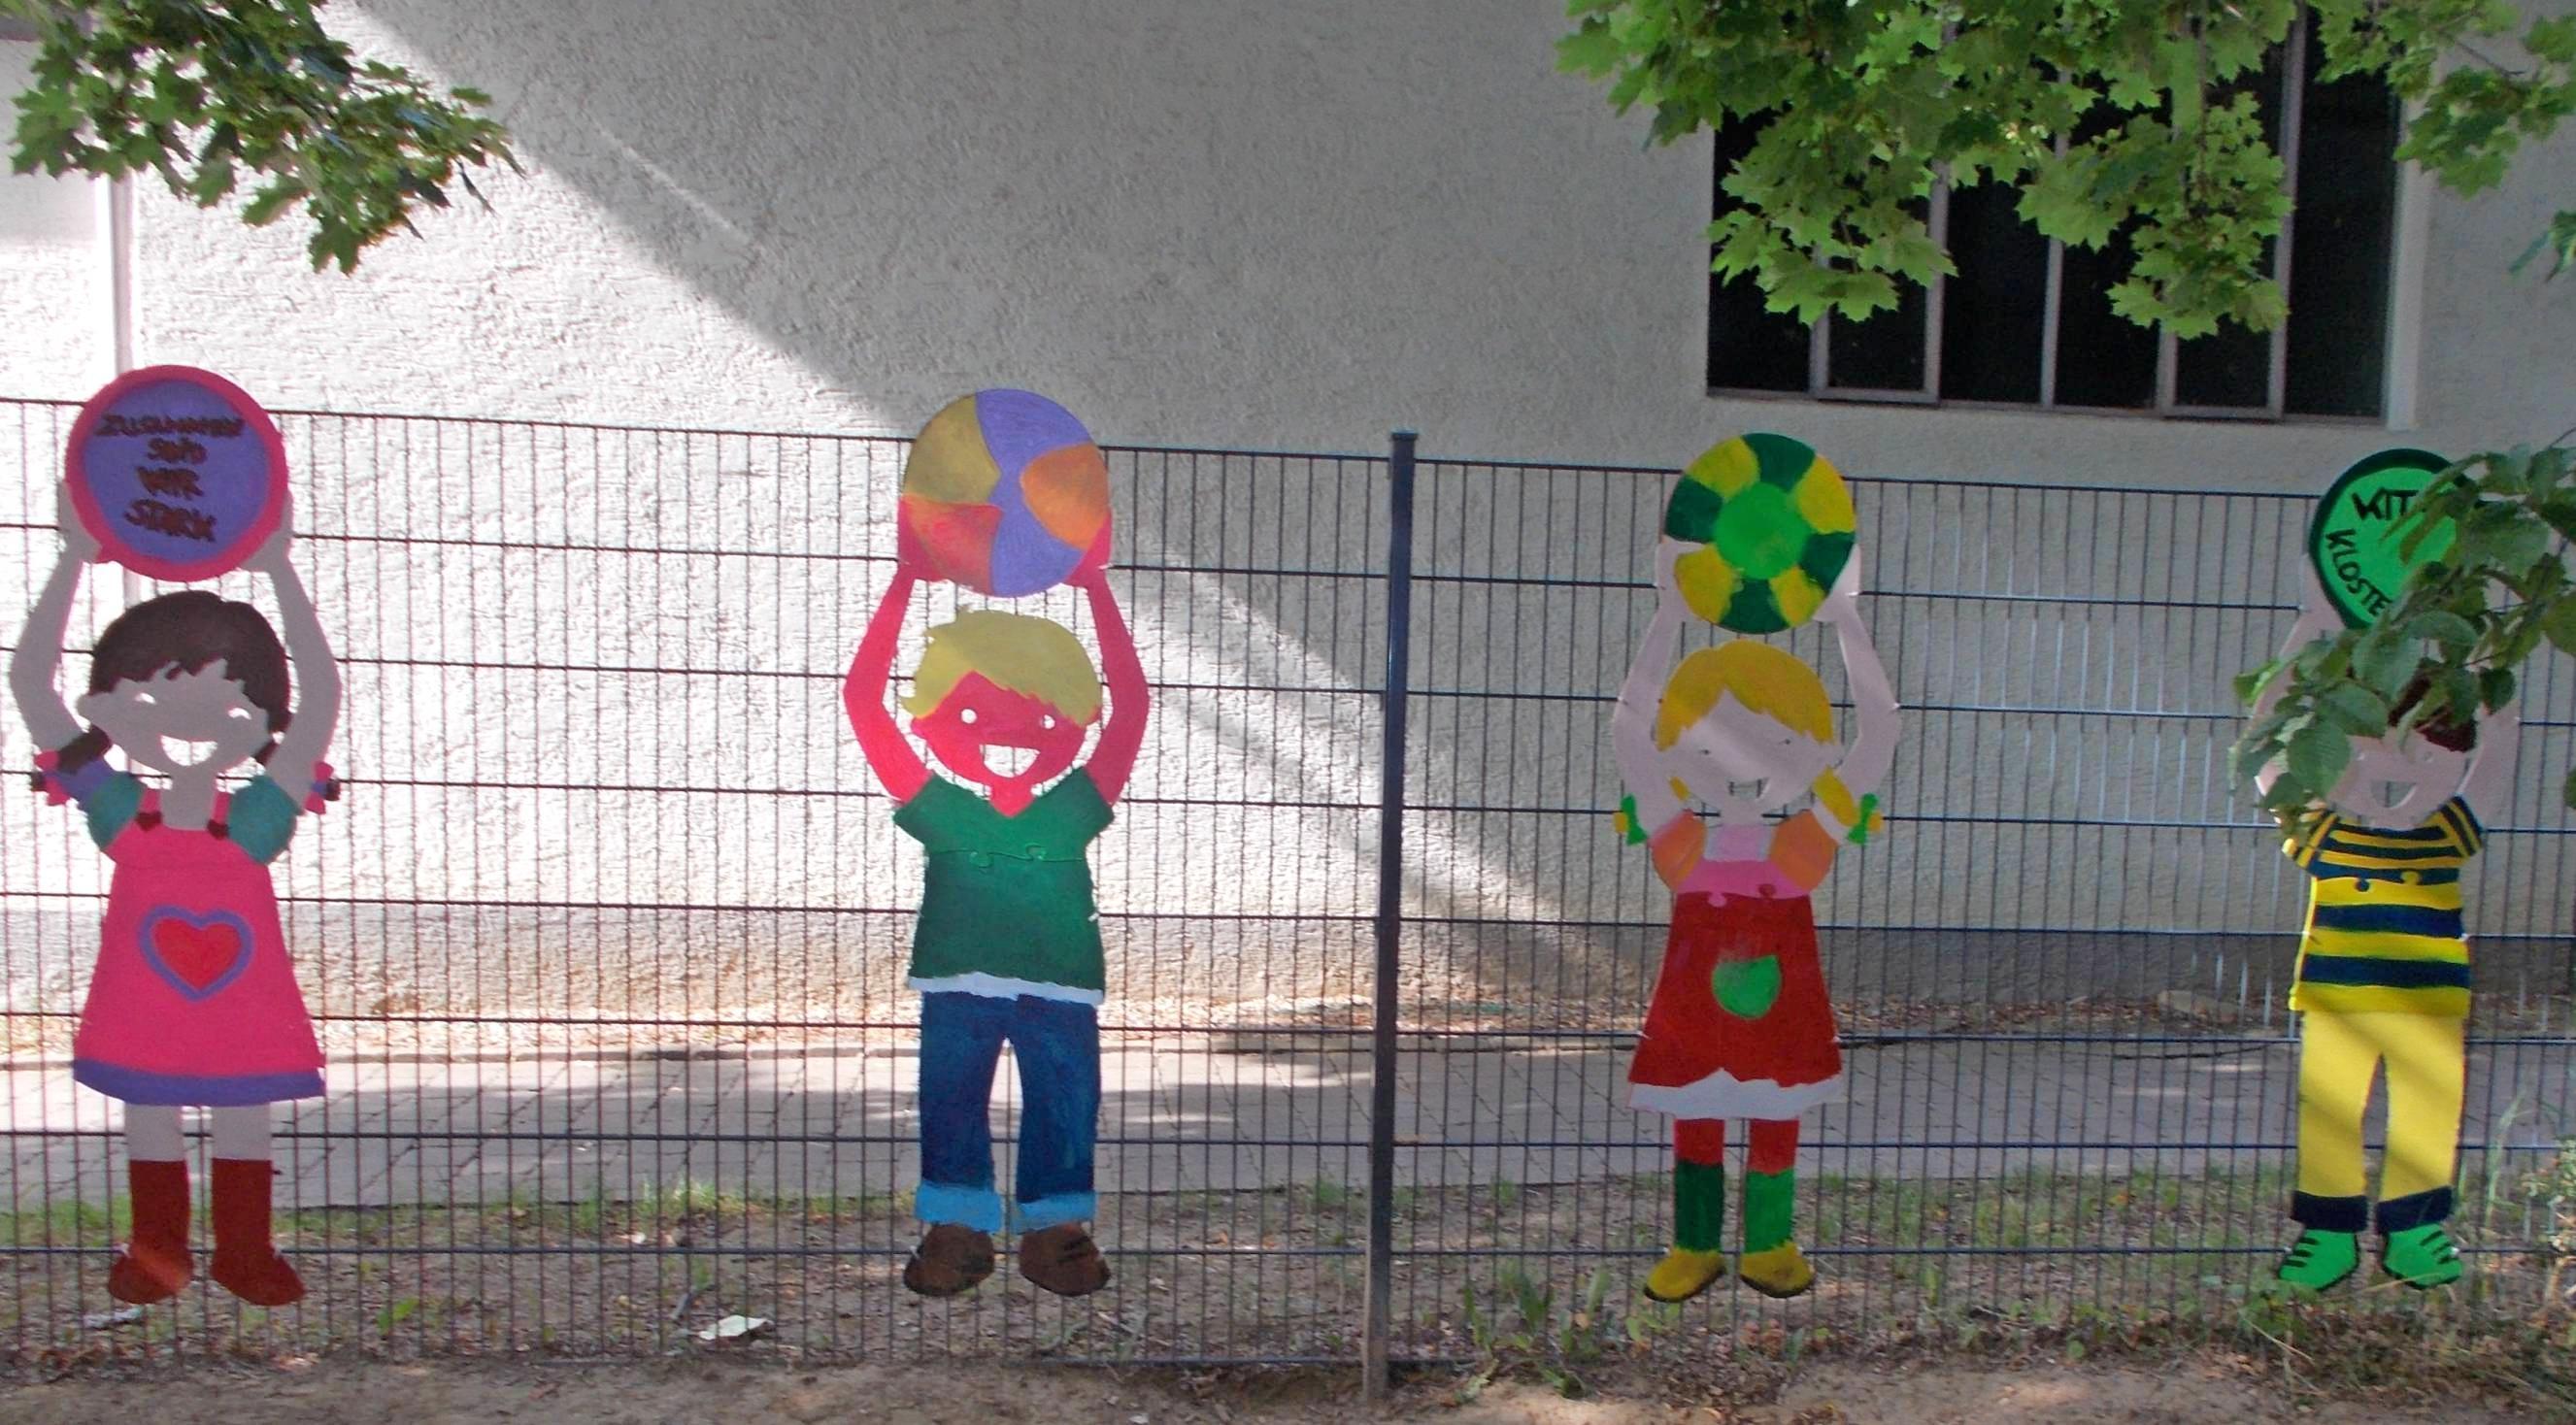 Die Kinder der Kita Klostergraben haben ihren Gartenzaun mit selbst bemalten Holzfiguren verschönert. Foto: privat